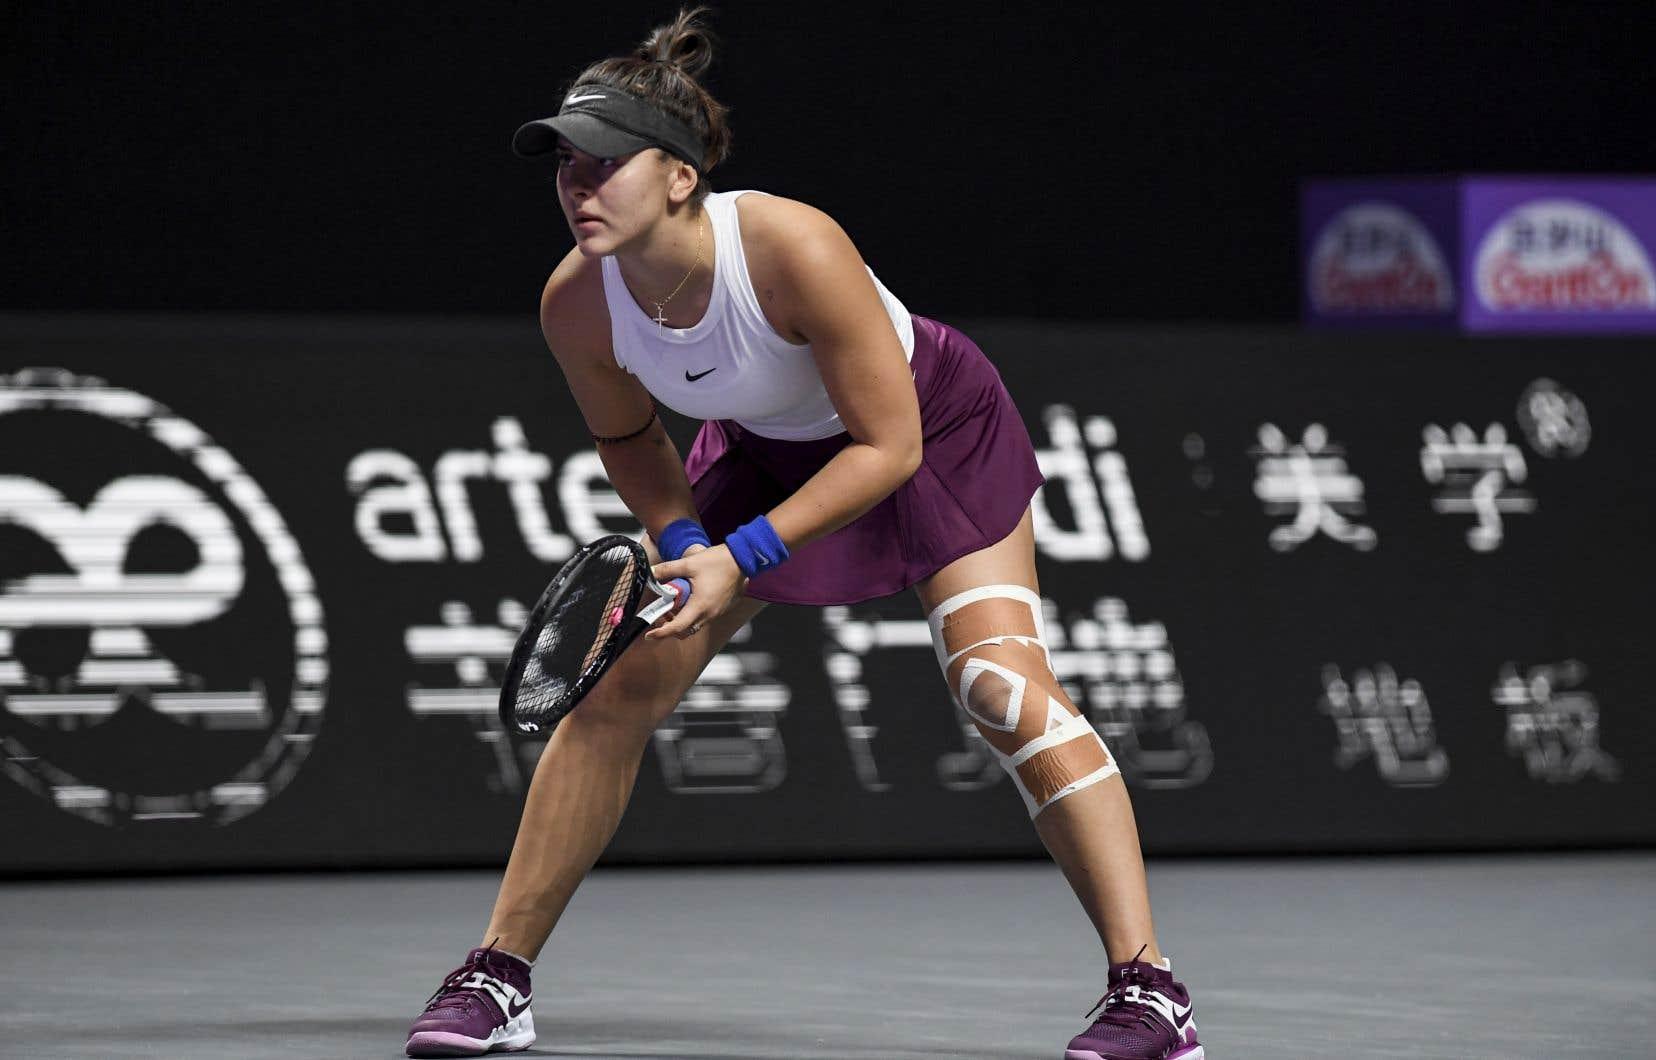 Bianca Andreescu s'est blessée au genou gauche lors de son deuxième match de la phase de groupe des Finales de la WTA, contre la Tchèque Karolina Pliskova, à la fin d'octobre à Shenzhen, en Chine.